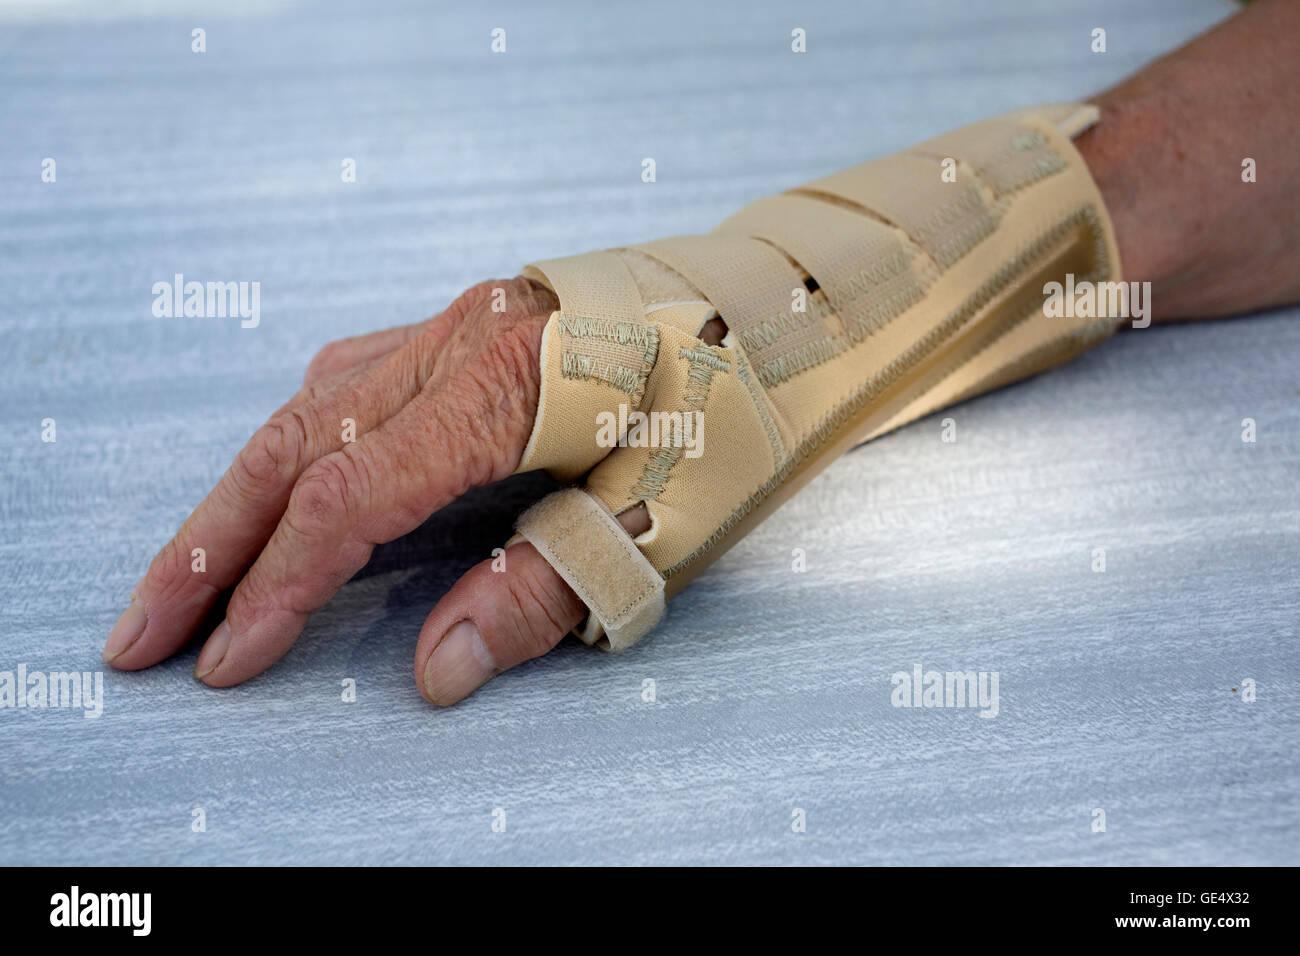 Arthritic Hand Von Ossur Neopren Arthritis Handgelenk Daumen Unterstützt  Großbritannien Strebe Stockbild